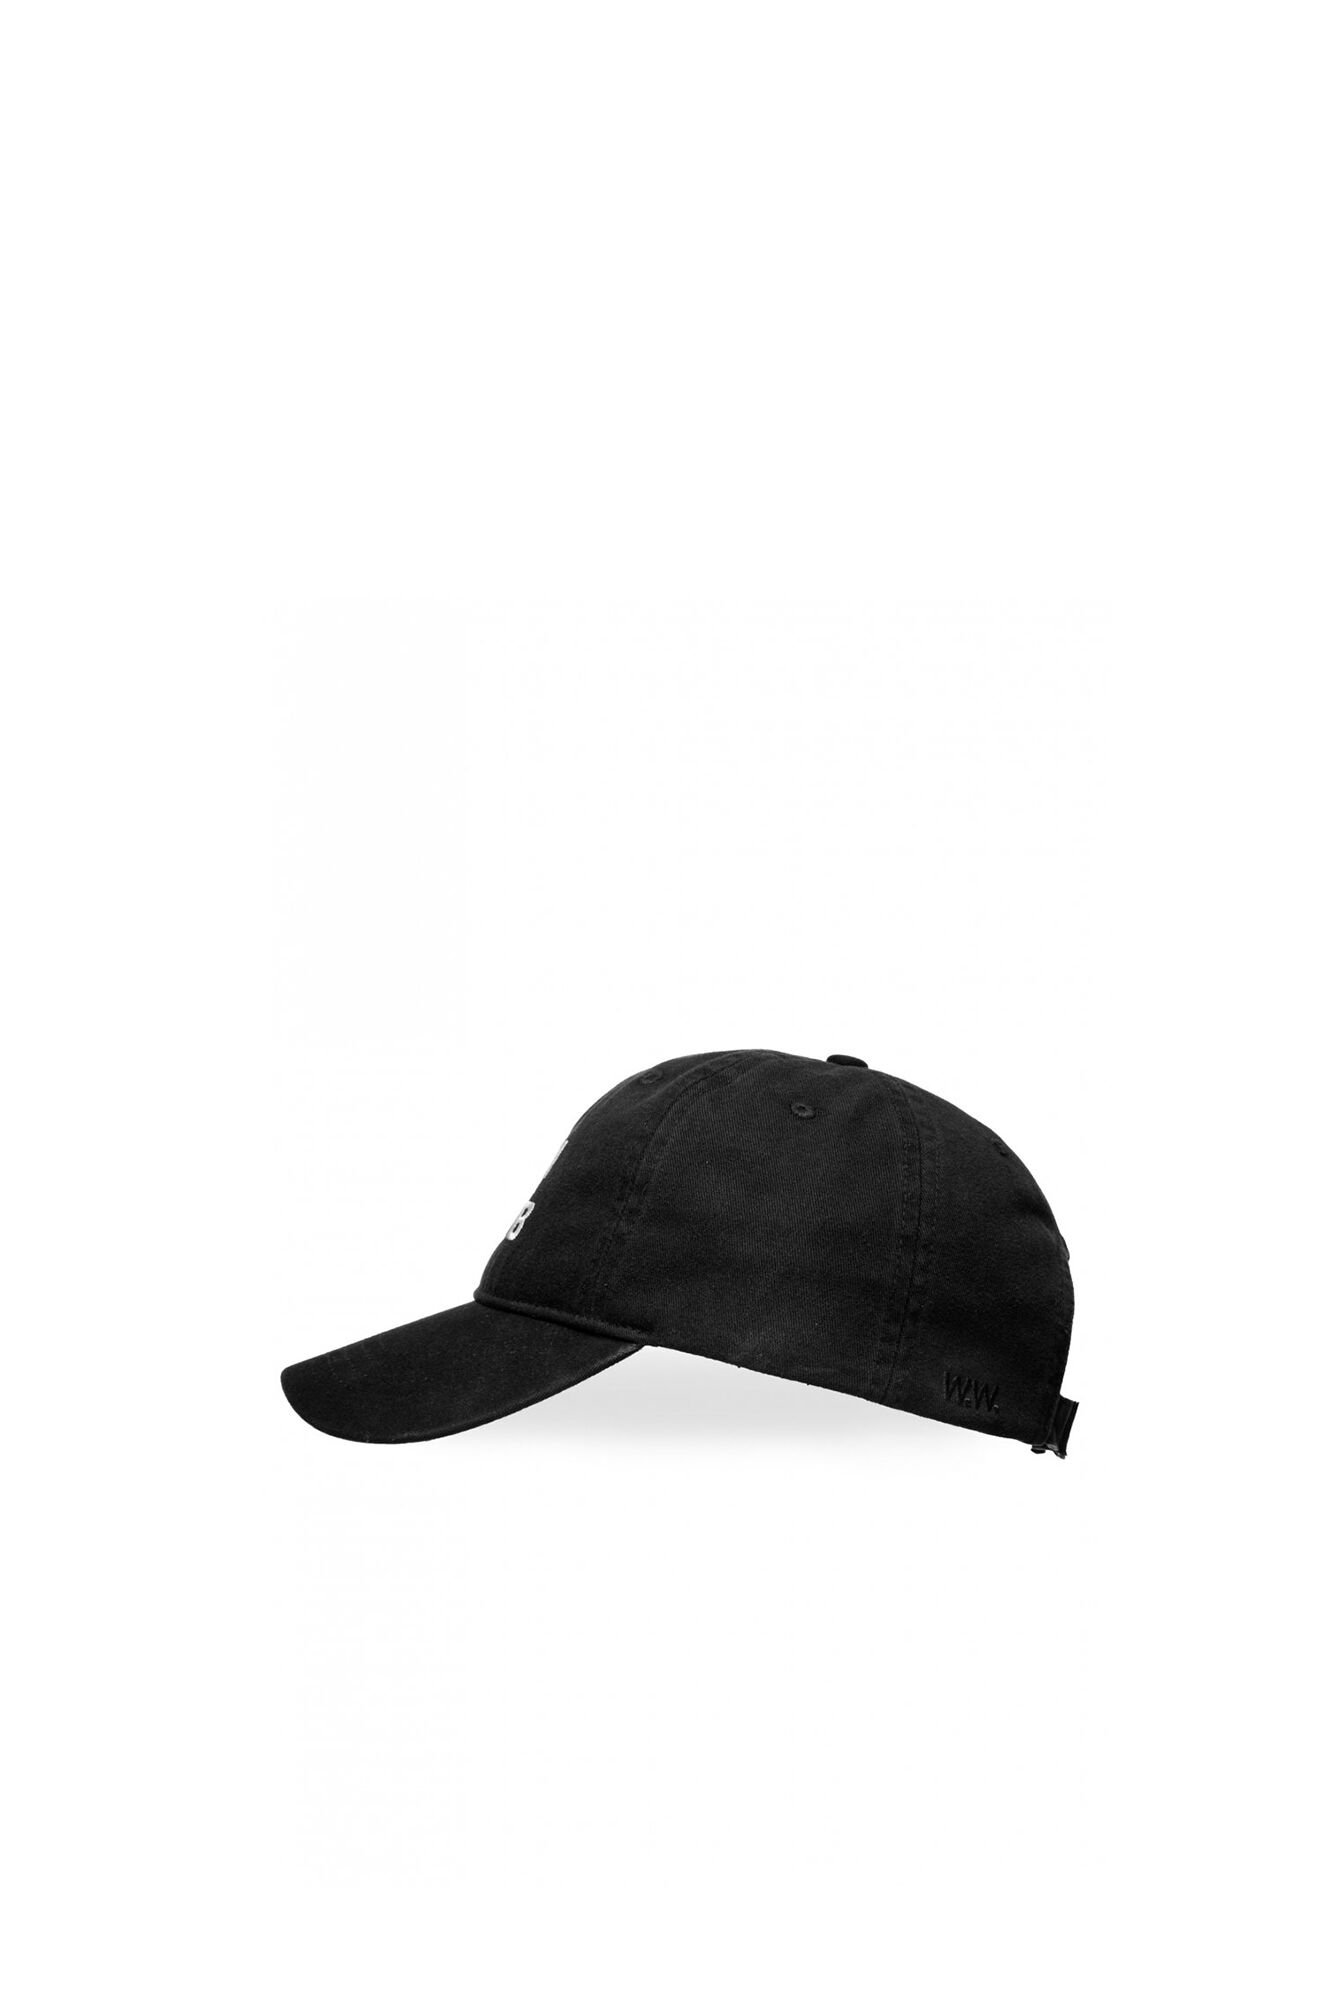 Low Profile Cap 11830800-7083